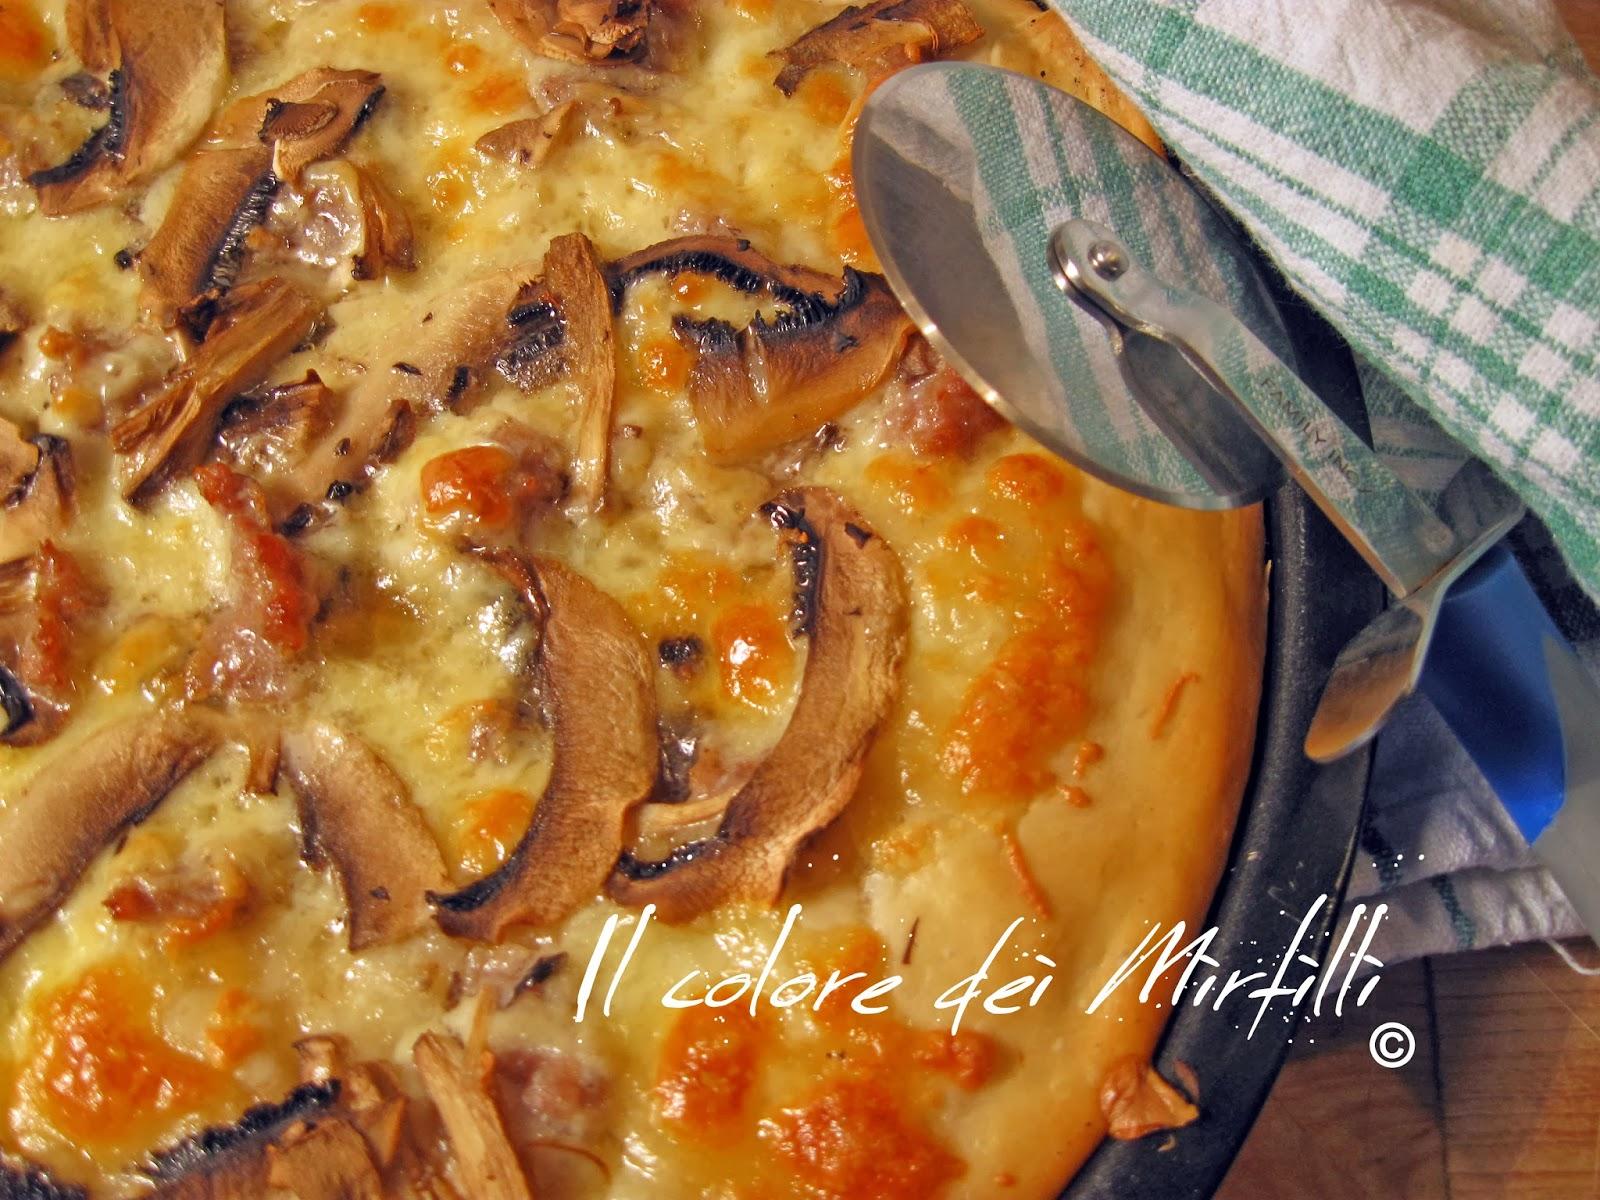 Pizza, Pizza Bianca funghi e salsiccia, Pizza fatta a casa, impasto pizza, ricetta pizza, lavorazione pizza, funghi, salsiccia, pizza bianca, trucchi pasta pizza